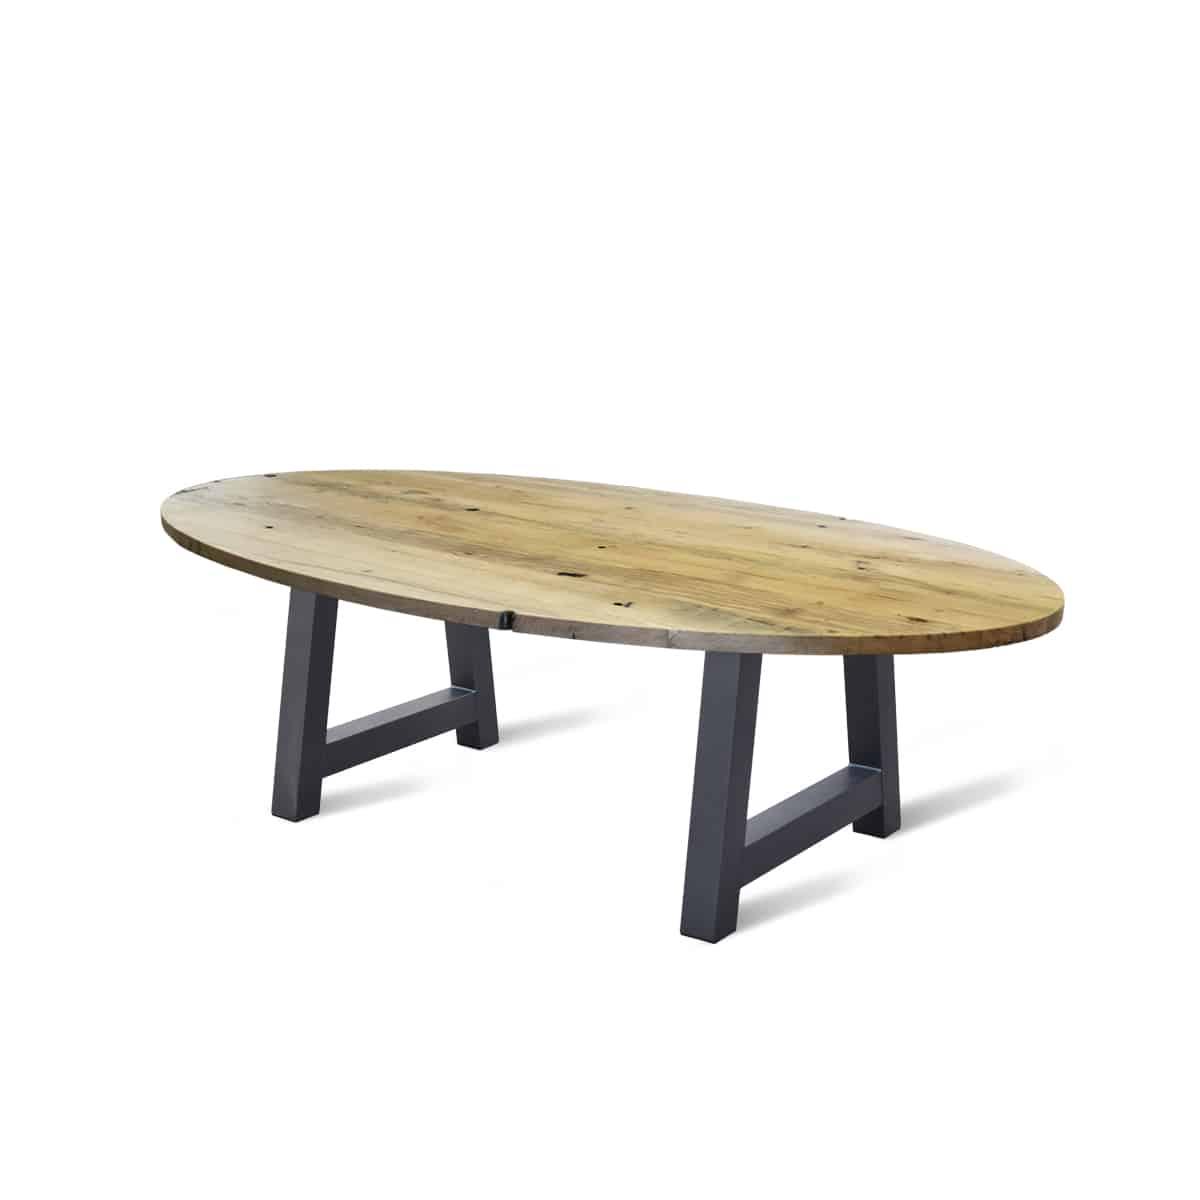 massief ovale eiken houten industriele boomstam tafel eetkamer keuken